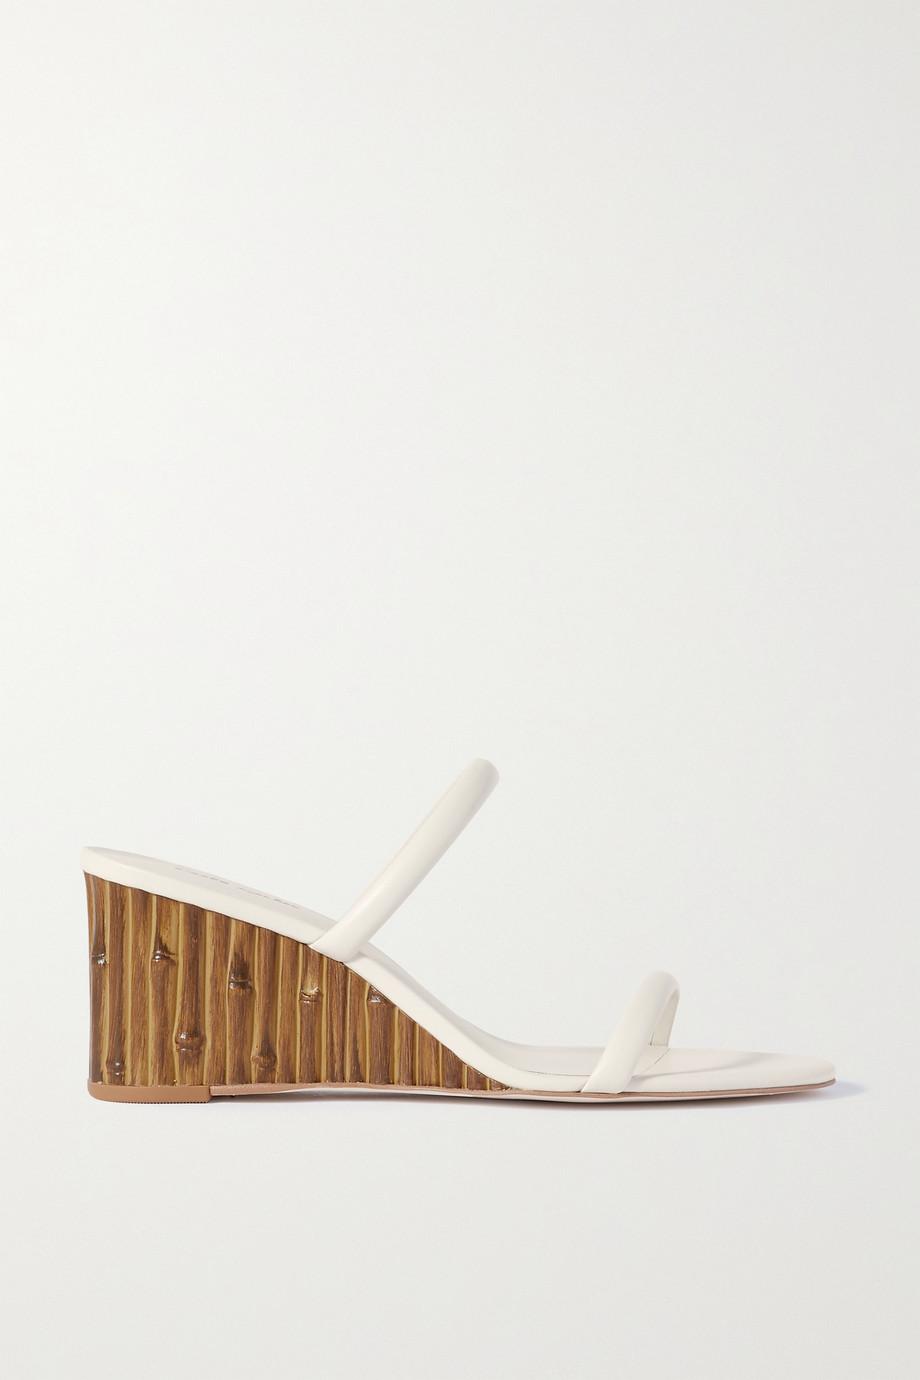 Cult Gaia Eva leather wedge sandals